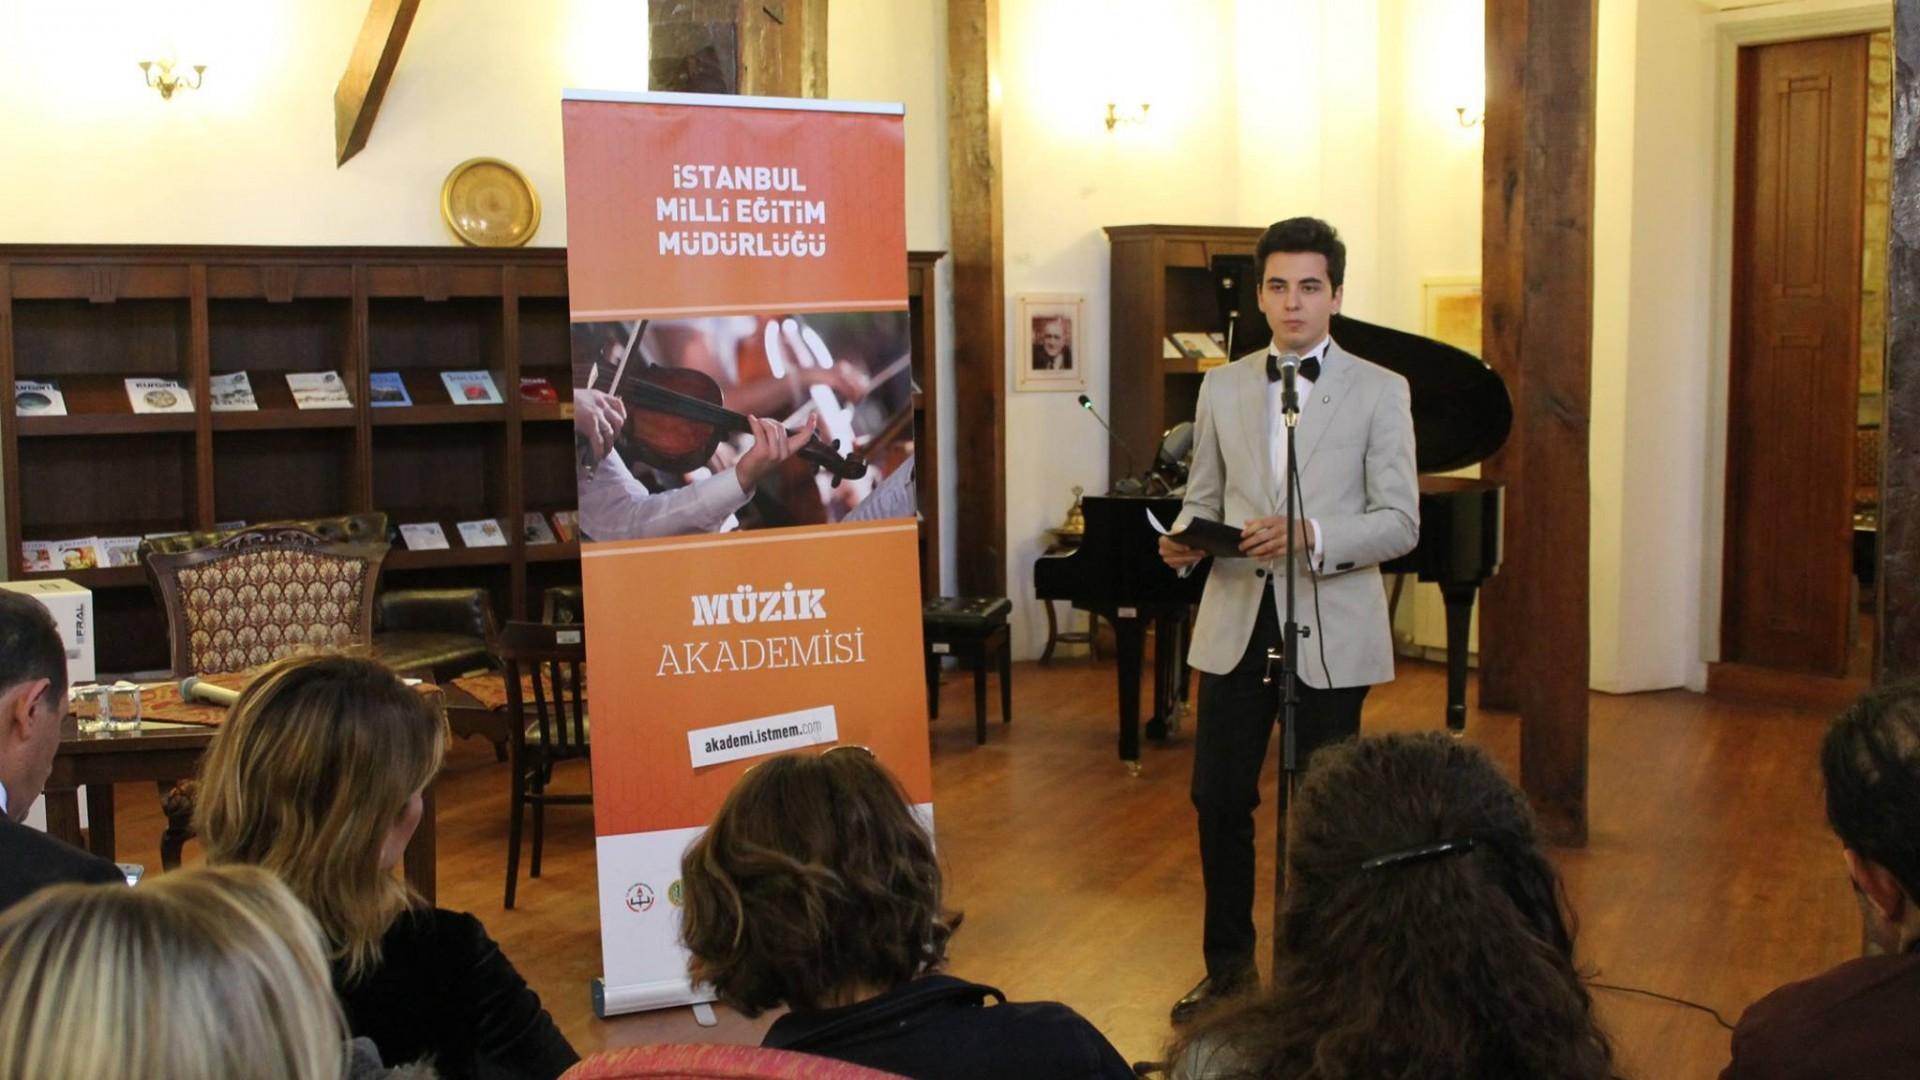 Genç Şair Bestekar Güneş Yakartepe Konseri 15 Temmuz Vatan ÜlkeYurt Bayrak Şiirleri Besteleri Yeni Nota Kitabı Çıktı